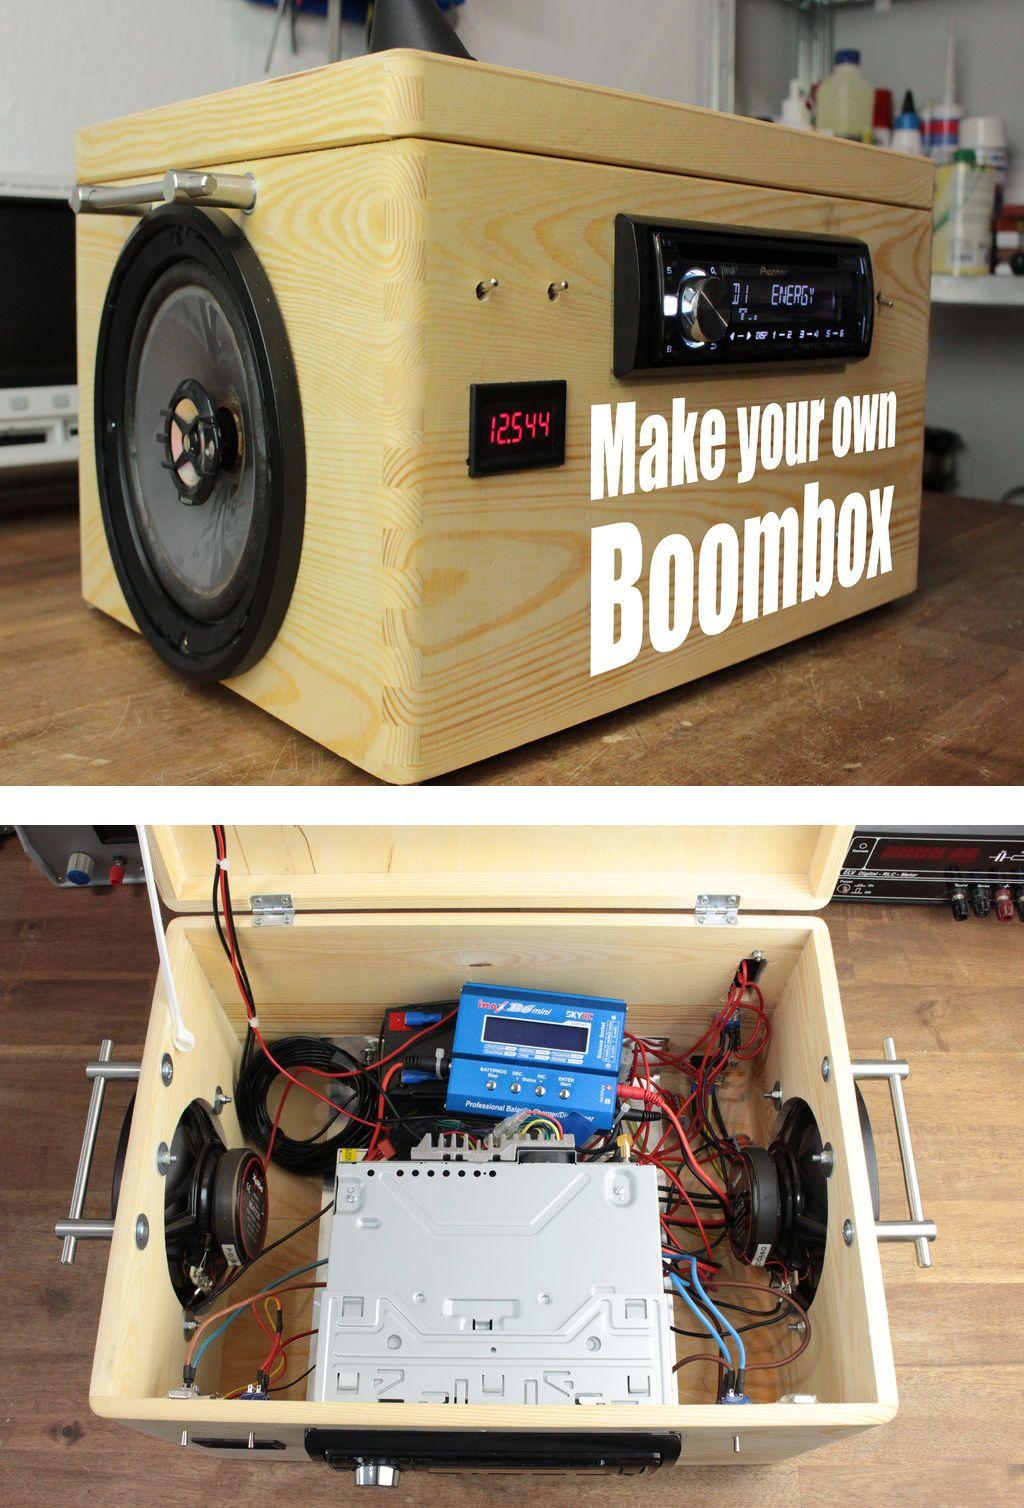 #1E6AAD Meget bedømt Make Your Own Boombox Højttalere Gør Det Selv Projekter Og Gør Det Selv Gør Det Selv Daybed 5089 102415085089